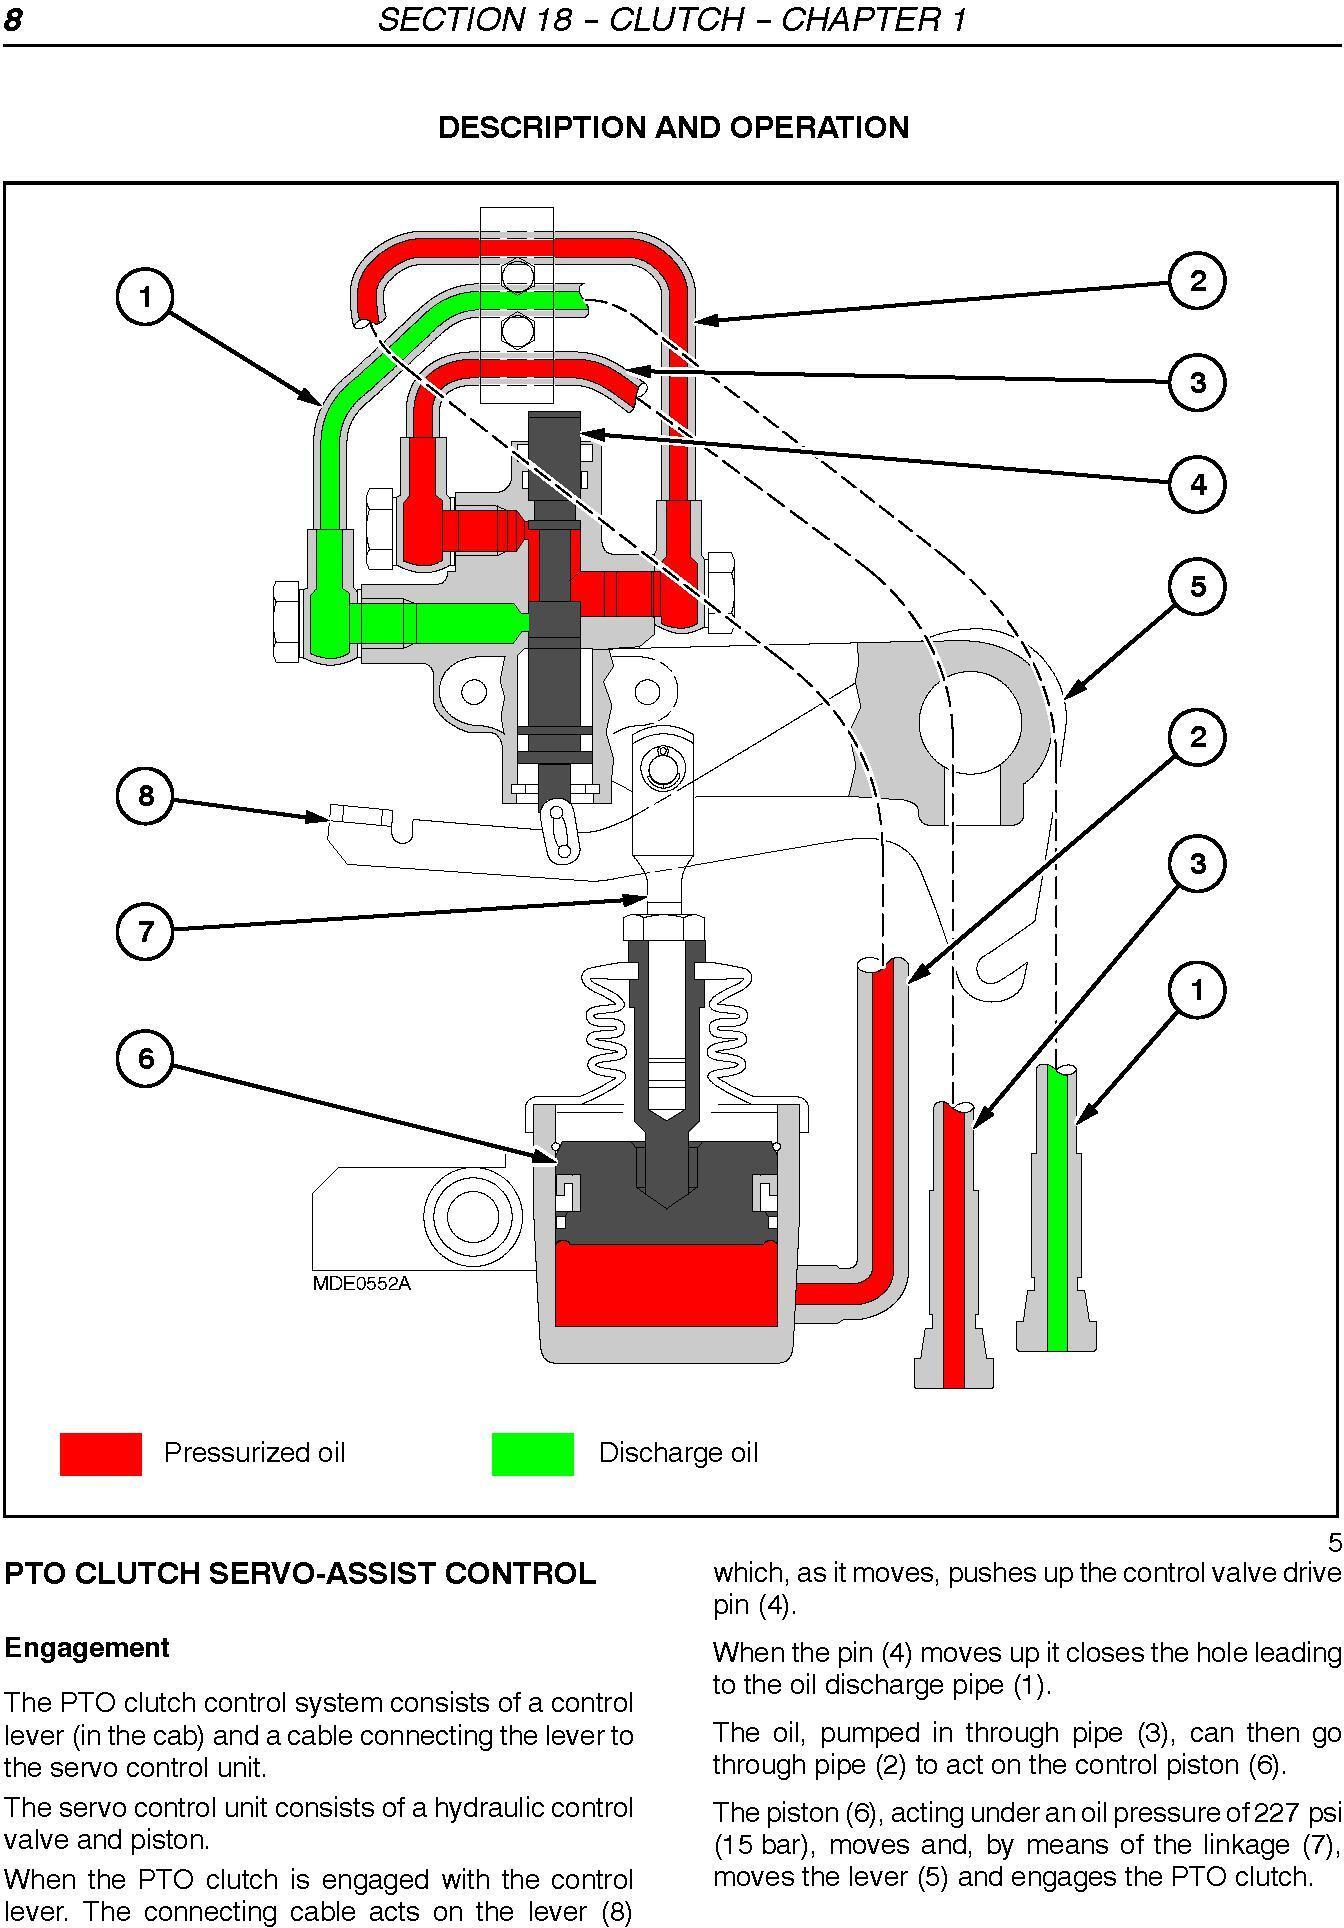 New Holland TN60DA, TN60SA , TN70DA, TN70SA, TN75DA, TM75SA, TN85DA, TN95DA Tractor Service Manual - 1